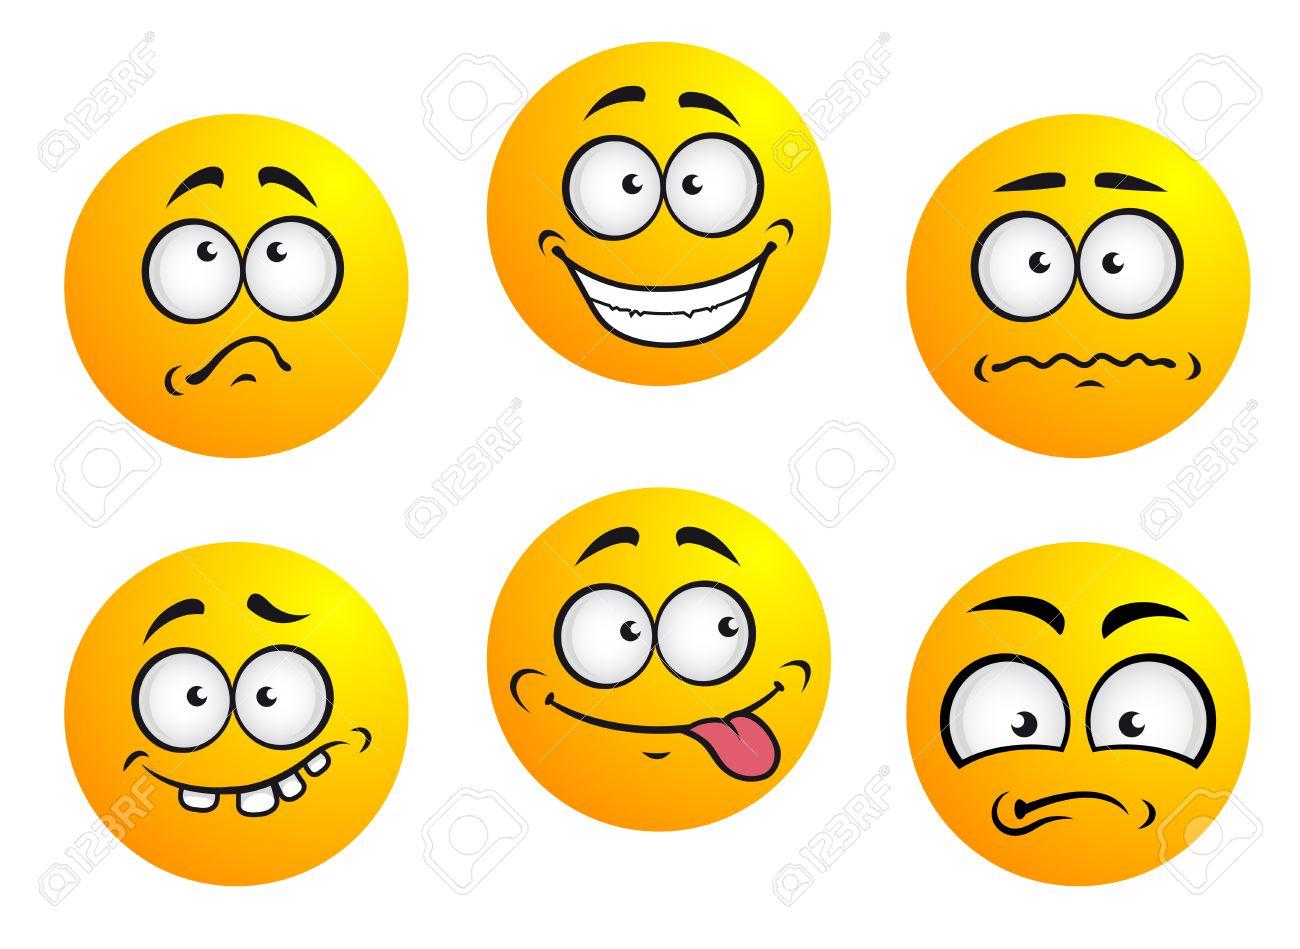 Set Di Sei Emoticon Giallo Tondo Che Mostrano Espressione Facciale Raffigurante La Felicità La Tristezza Timido Sconcertato Imbarazzato Lingua E